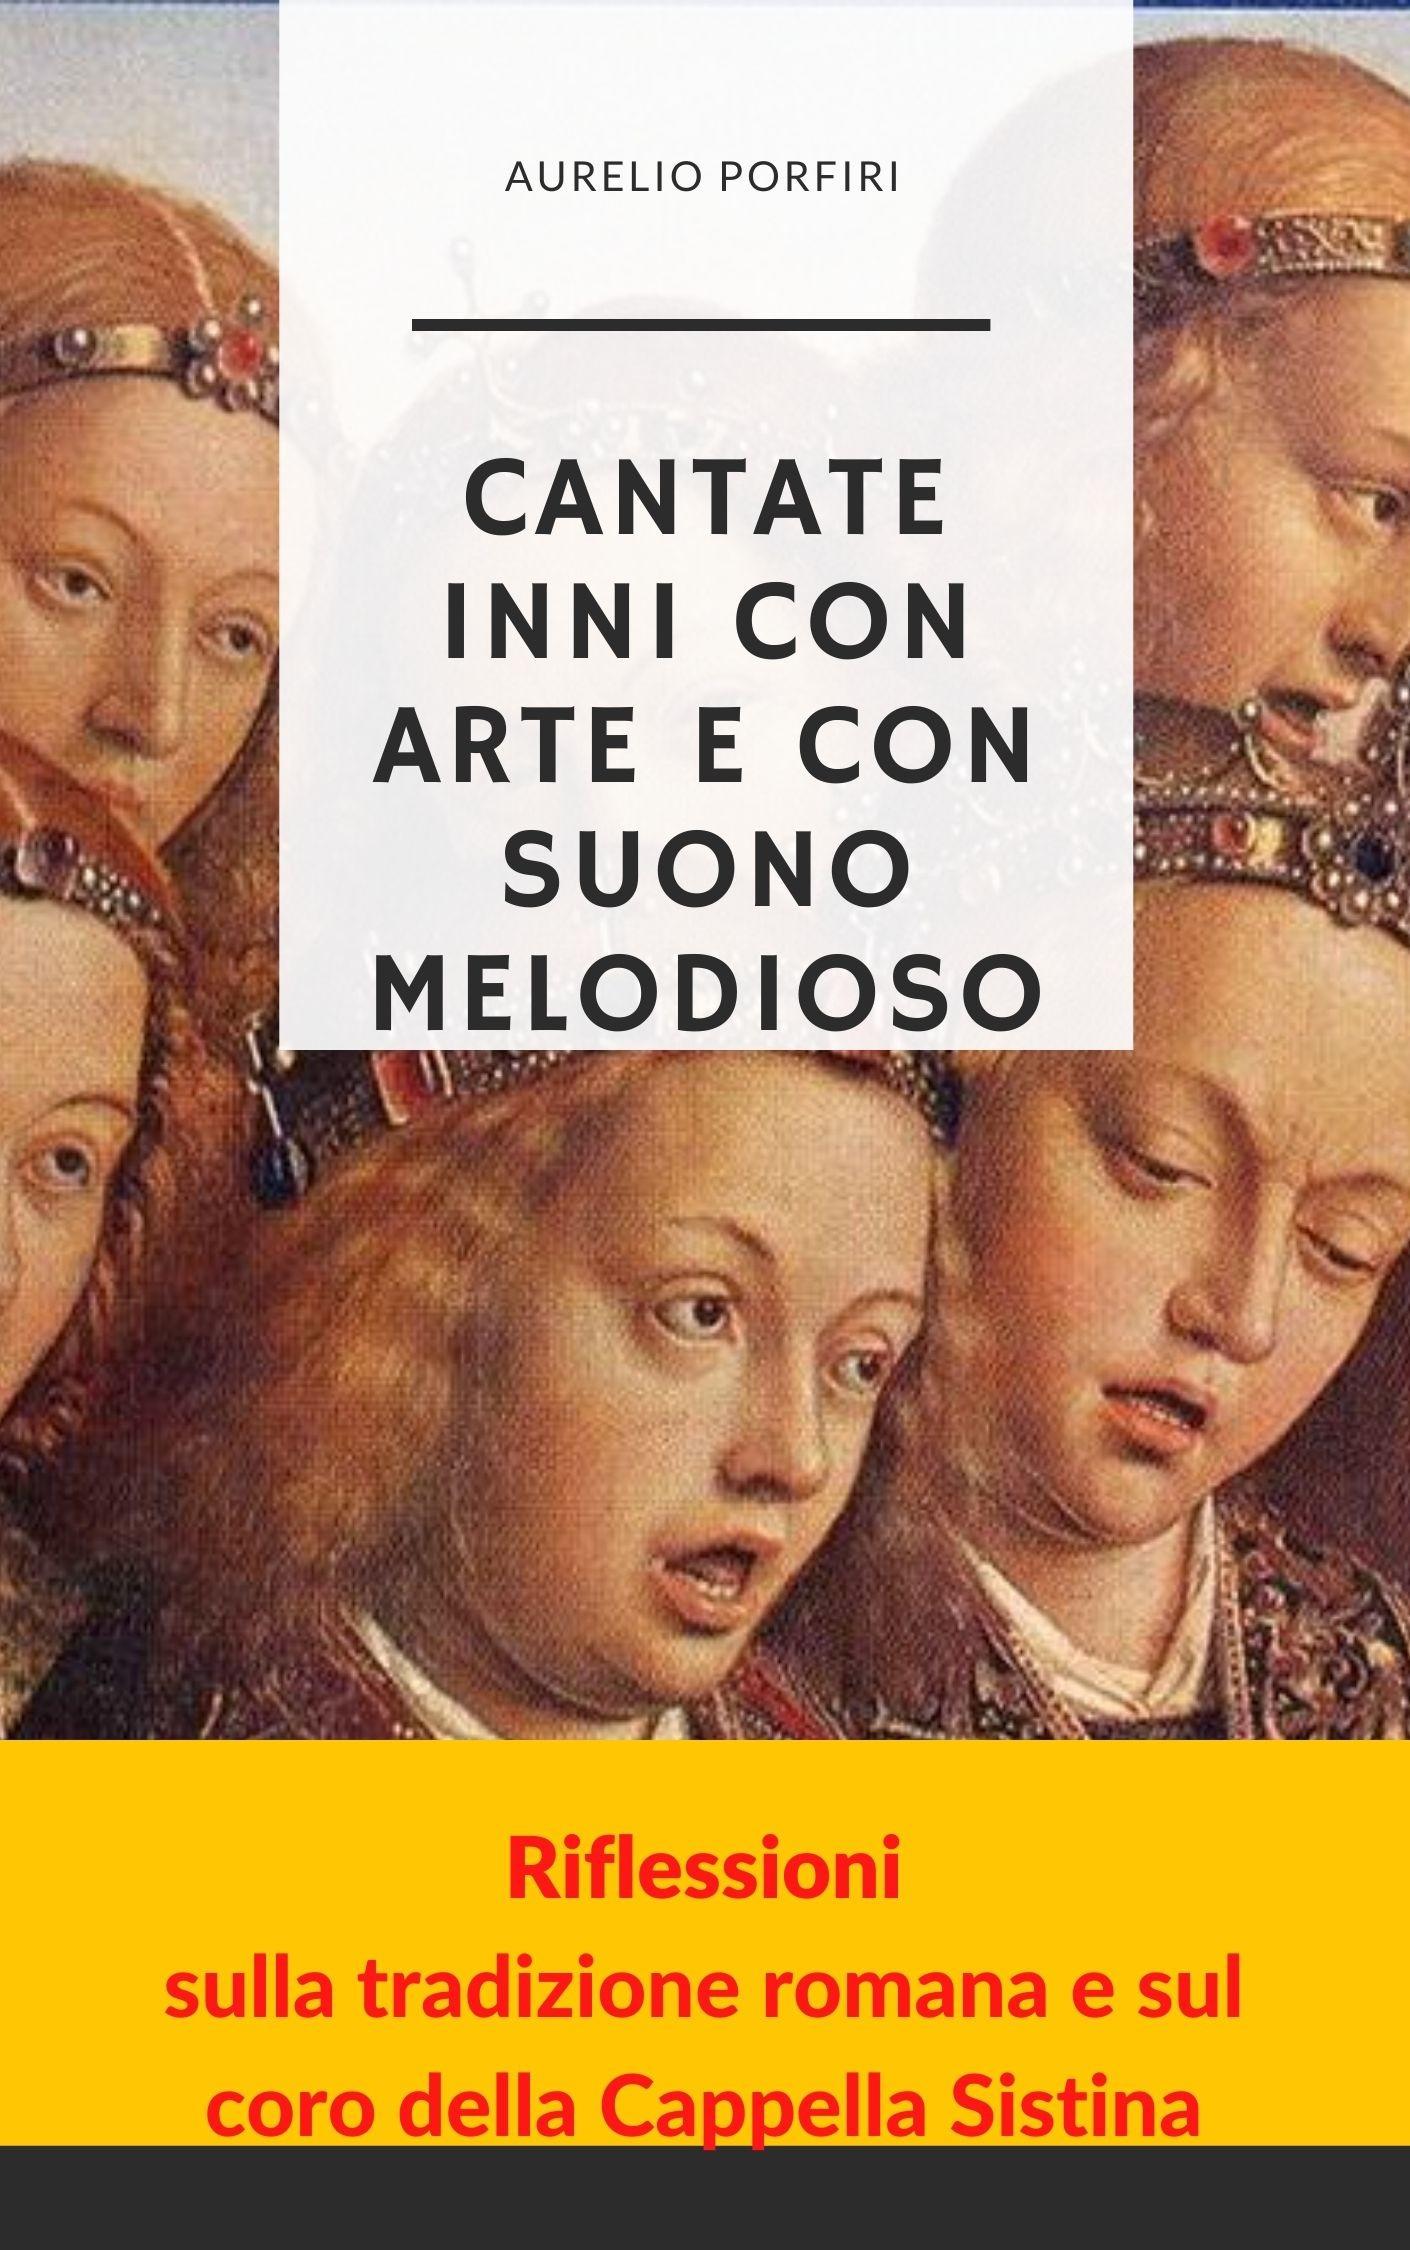 Aurelio Porfiri presenta il suo ultimo libro